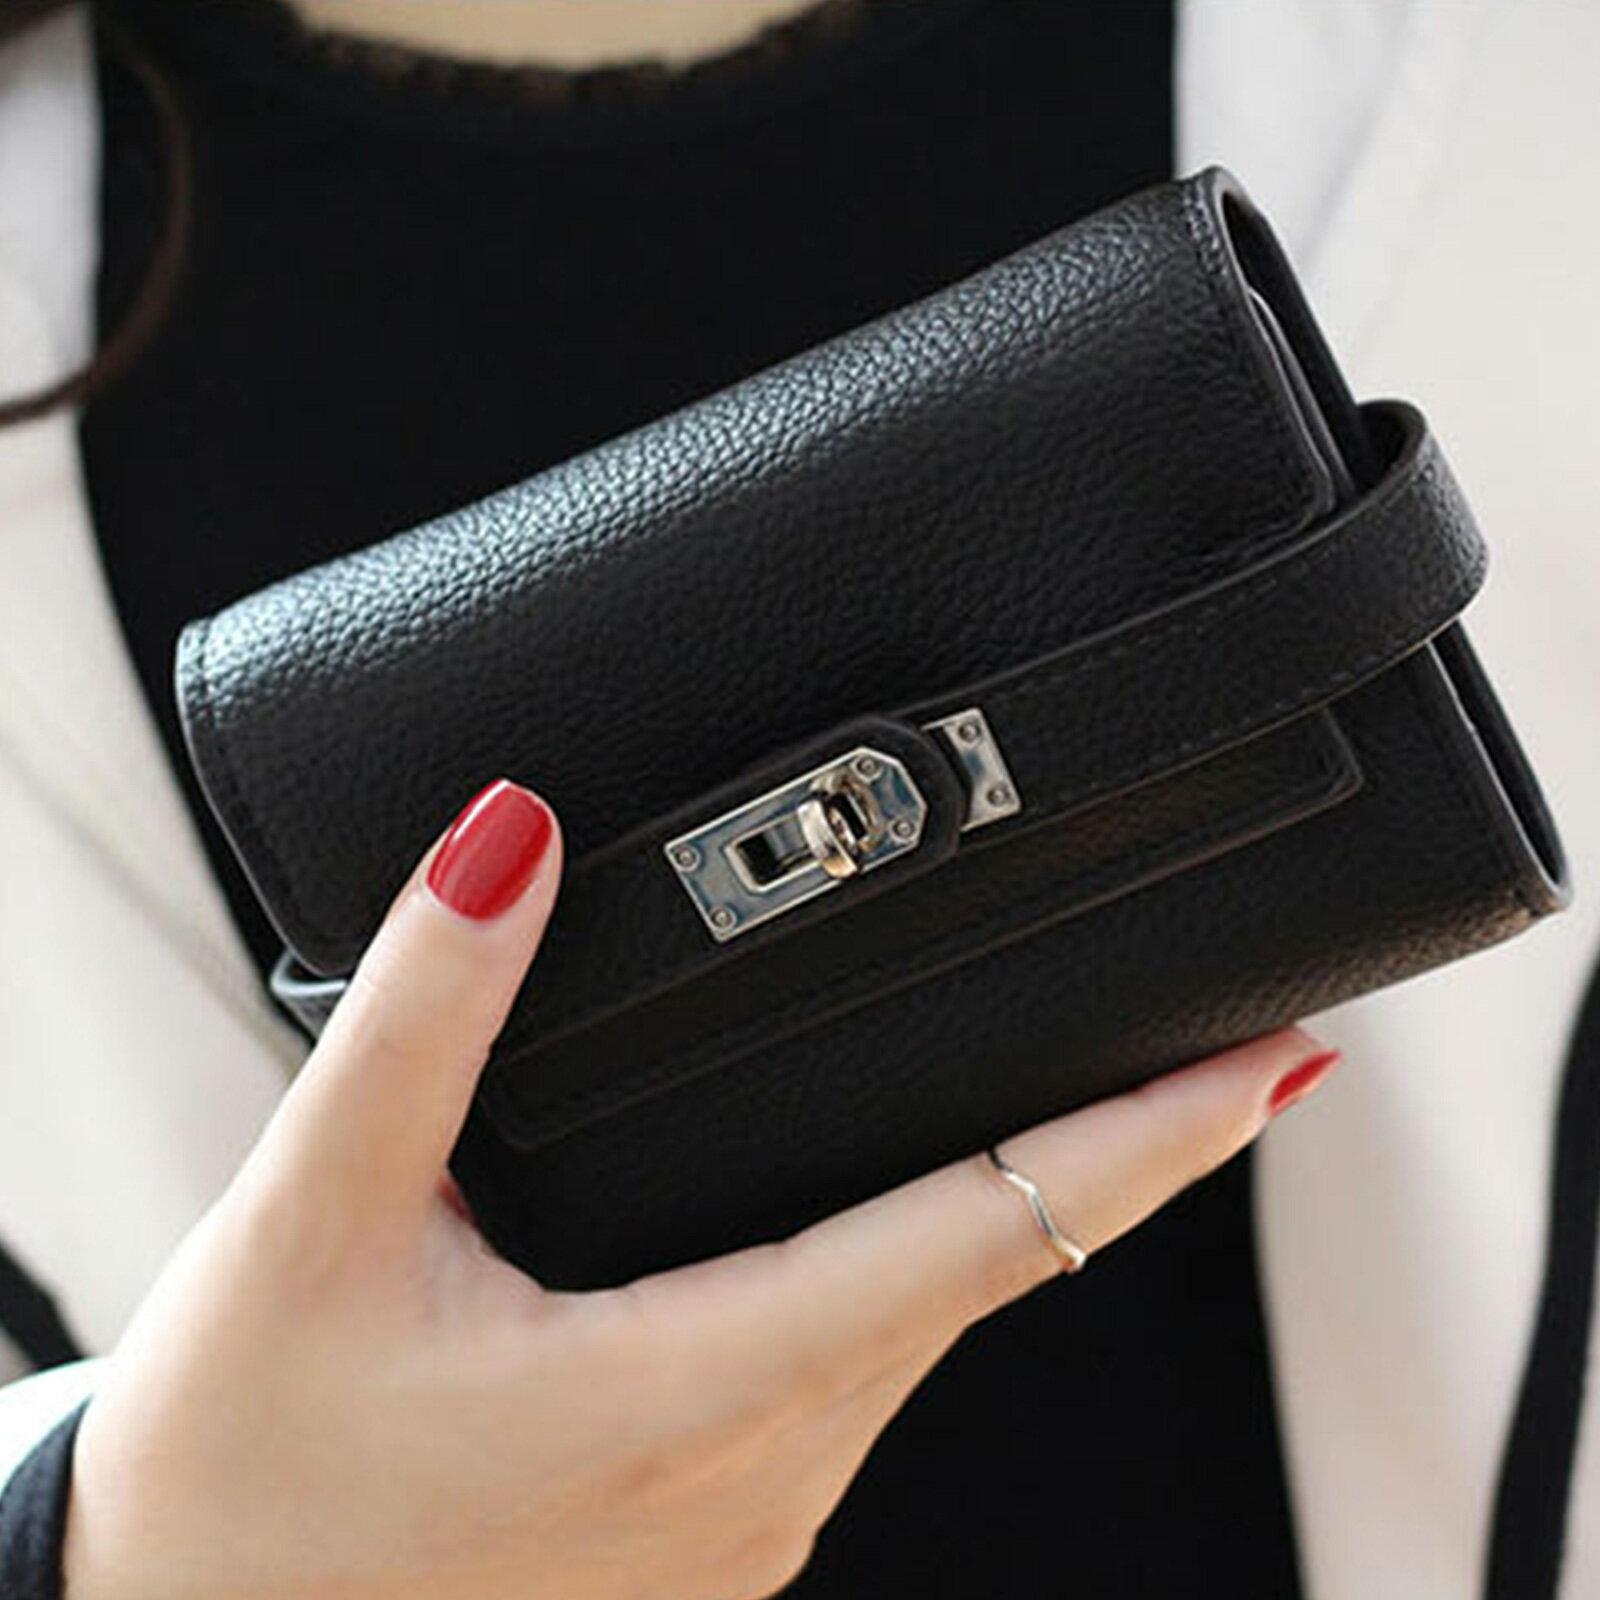 皮夾 錢包 紐扣三層零錢中夾短夾【O3218】☆雙兒網☆ 1